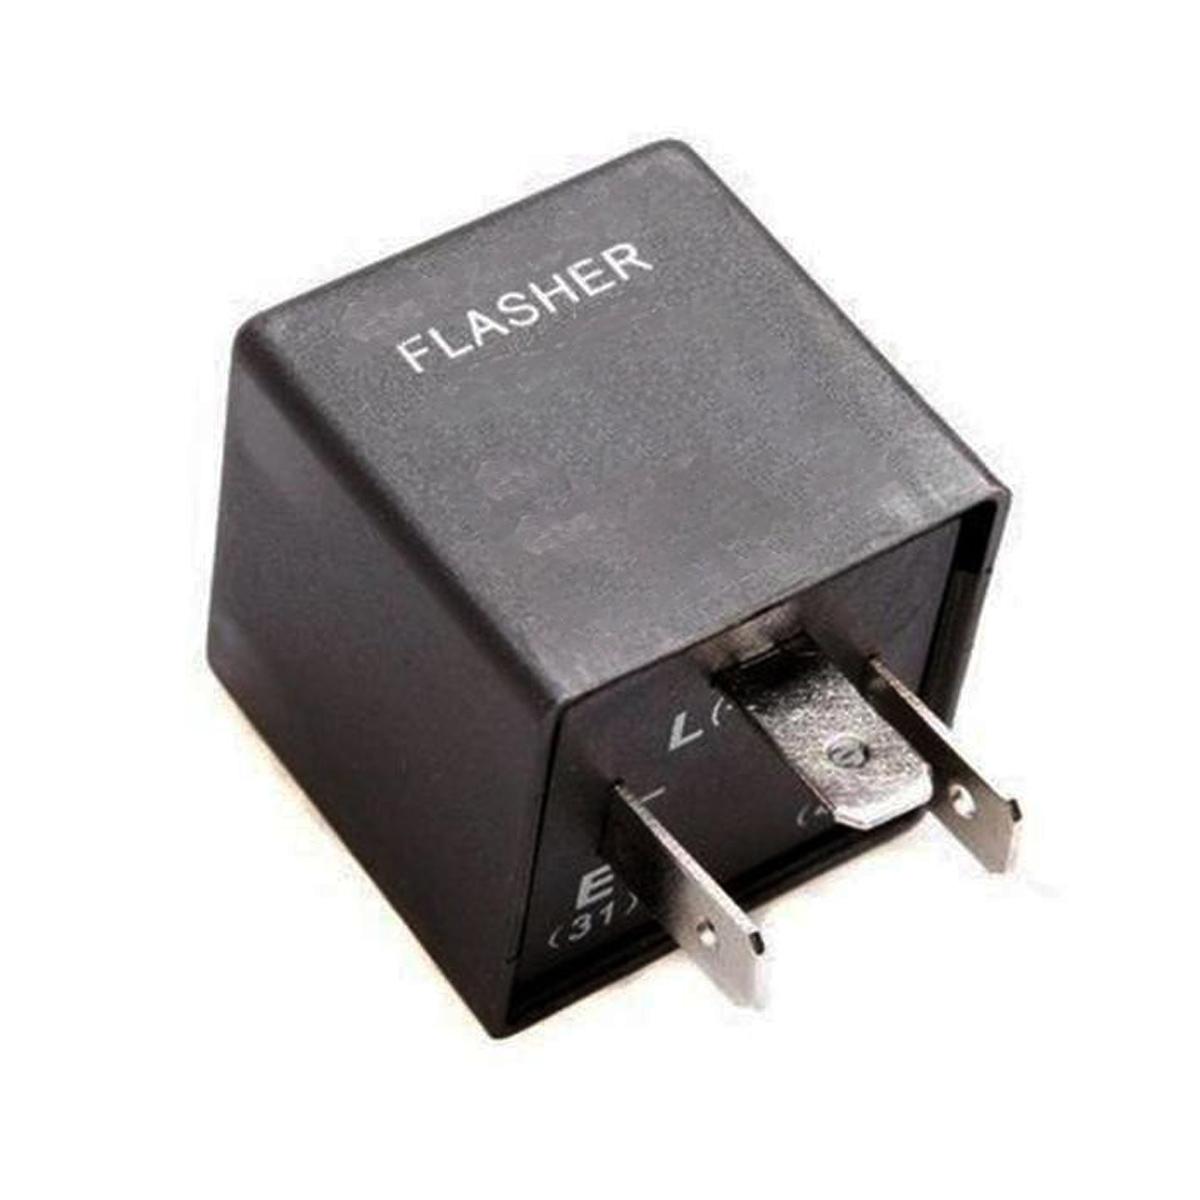 Flasher Unit